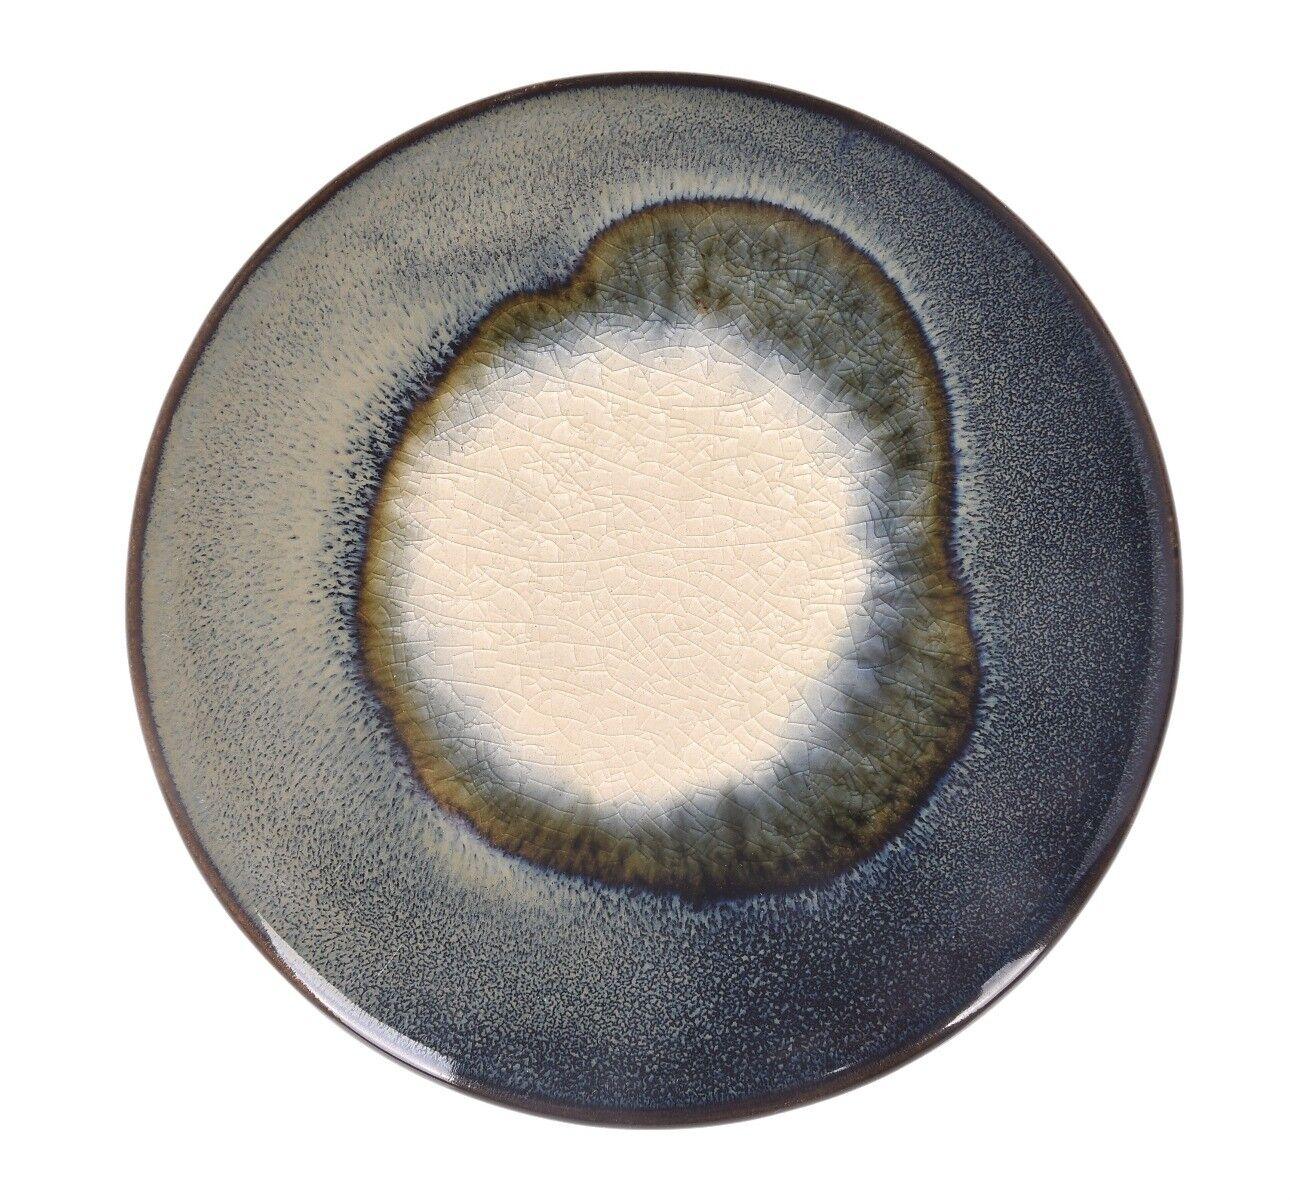 Podkładka pod kubek Violet 11x11x1cm